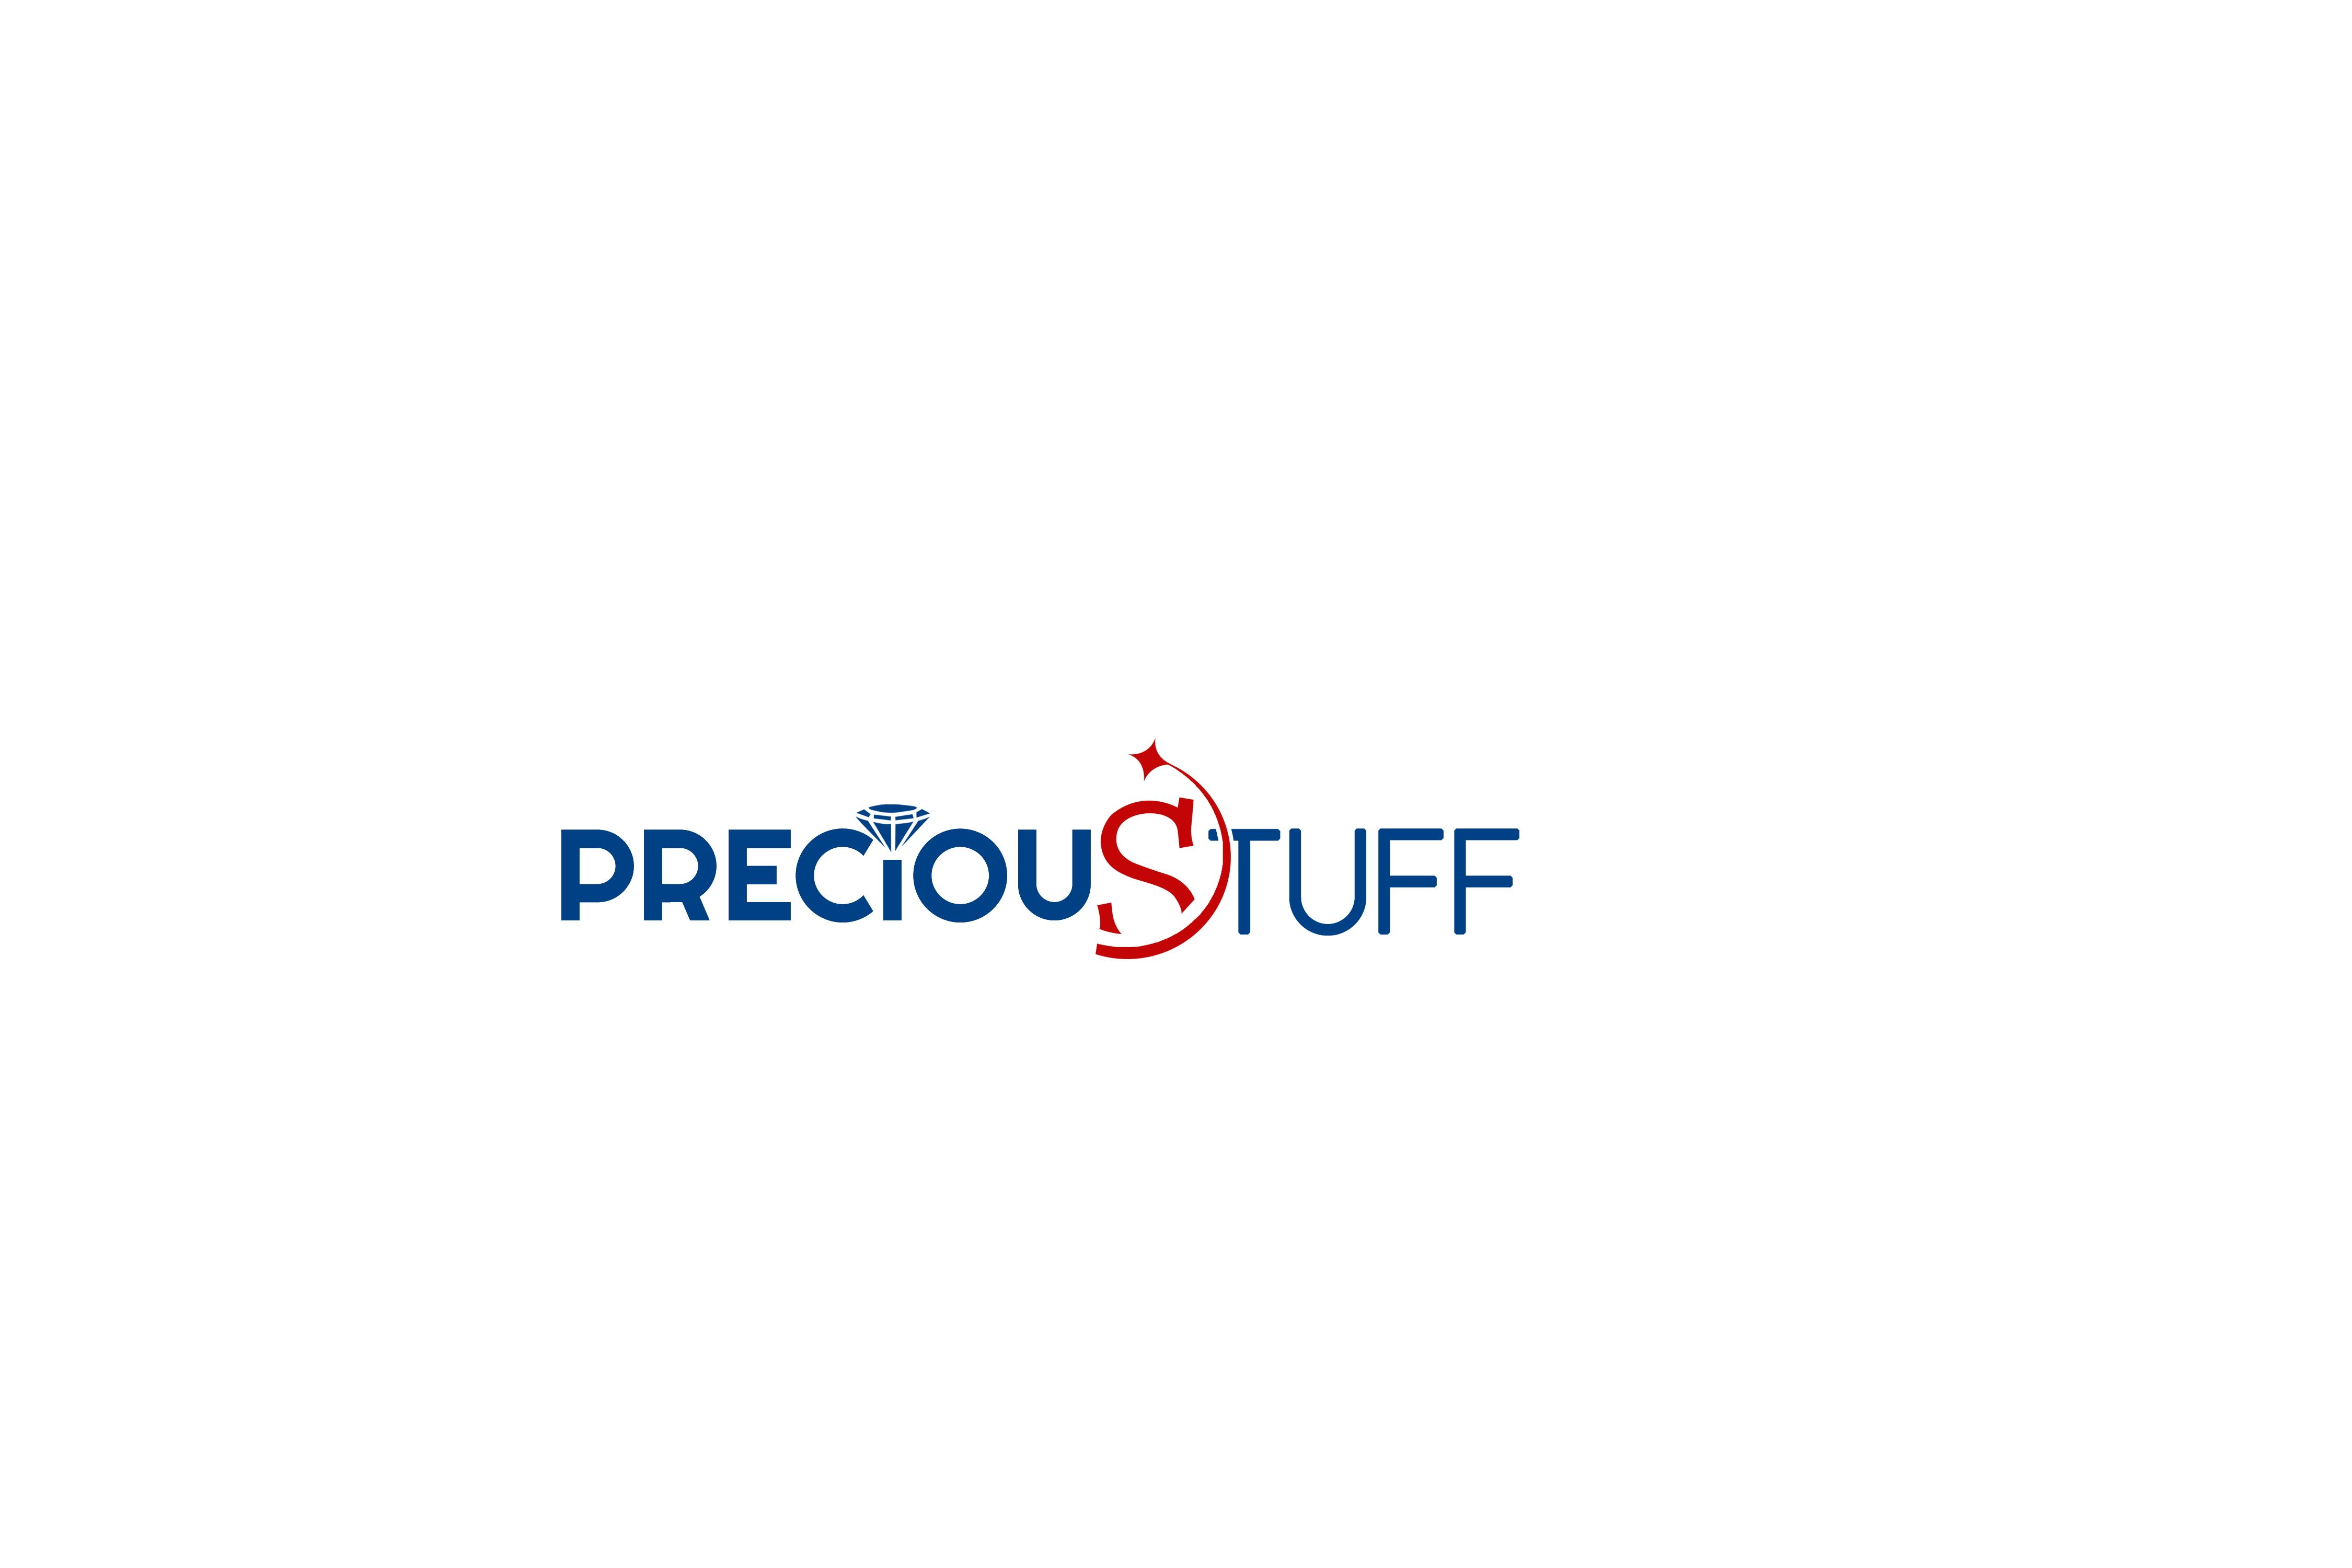 Precioustuff